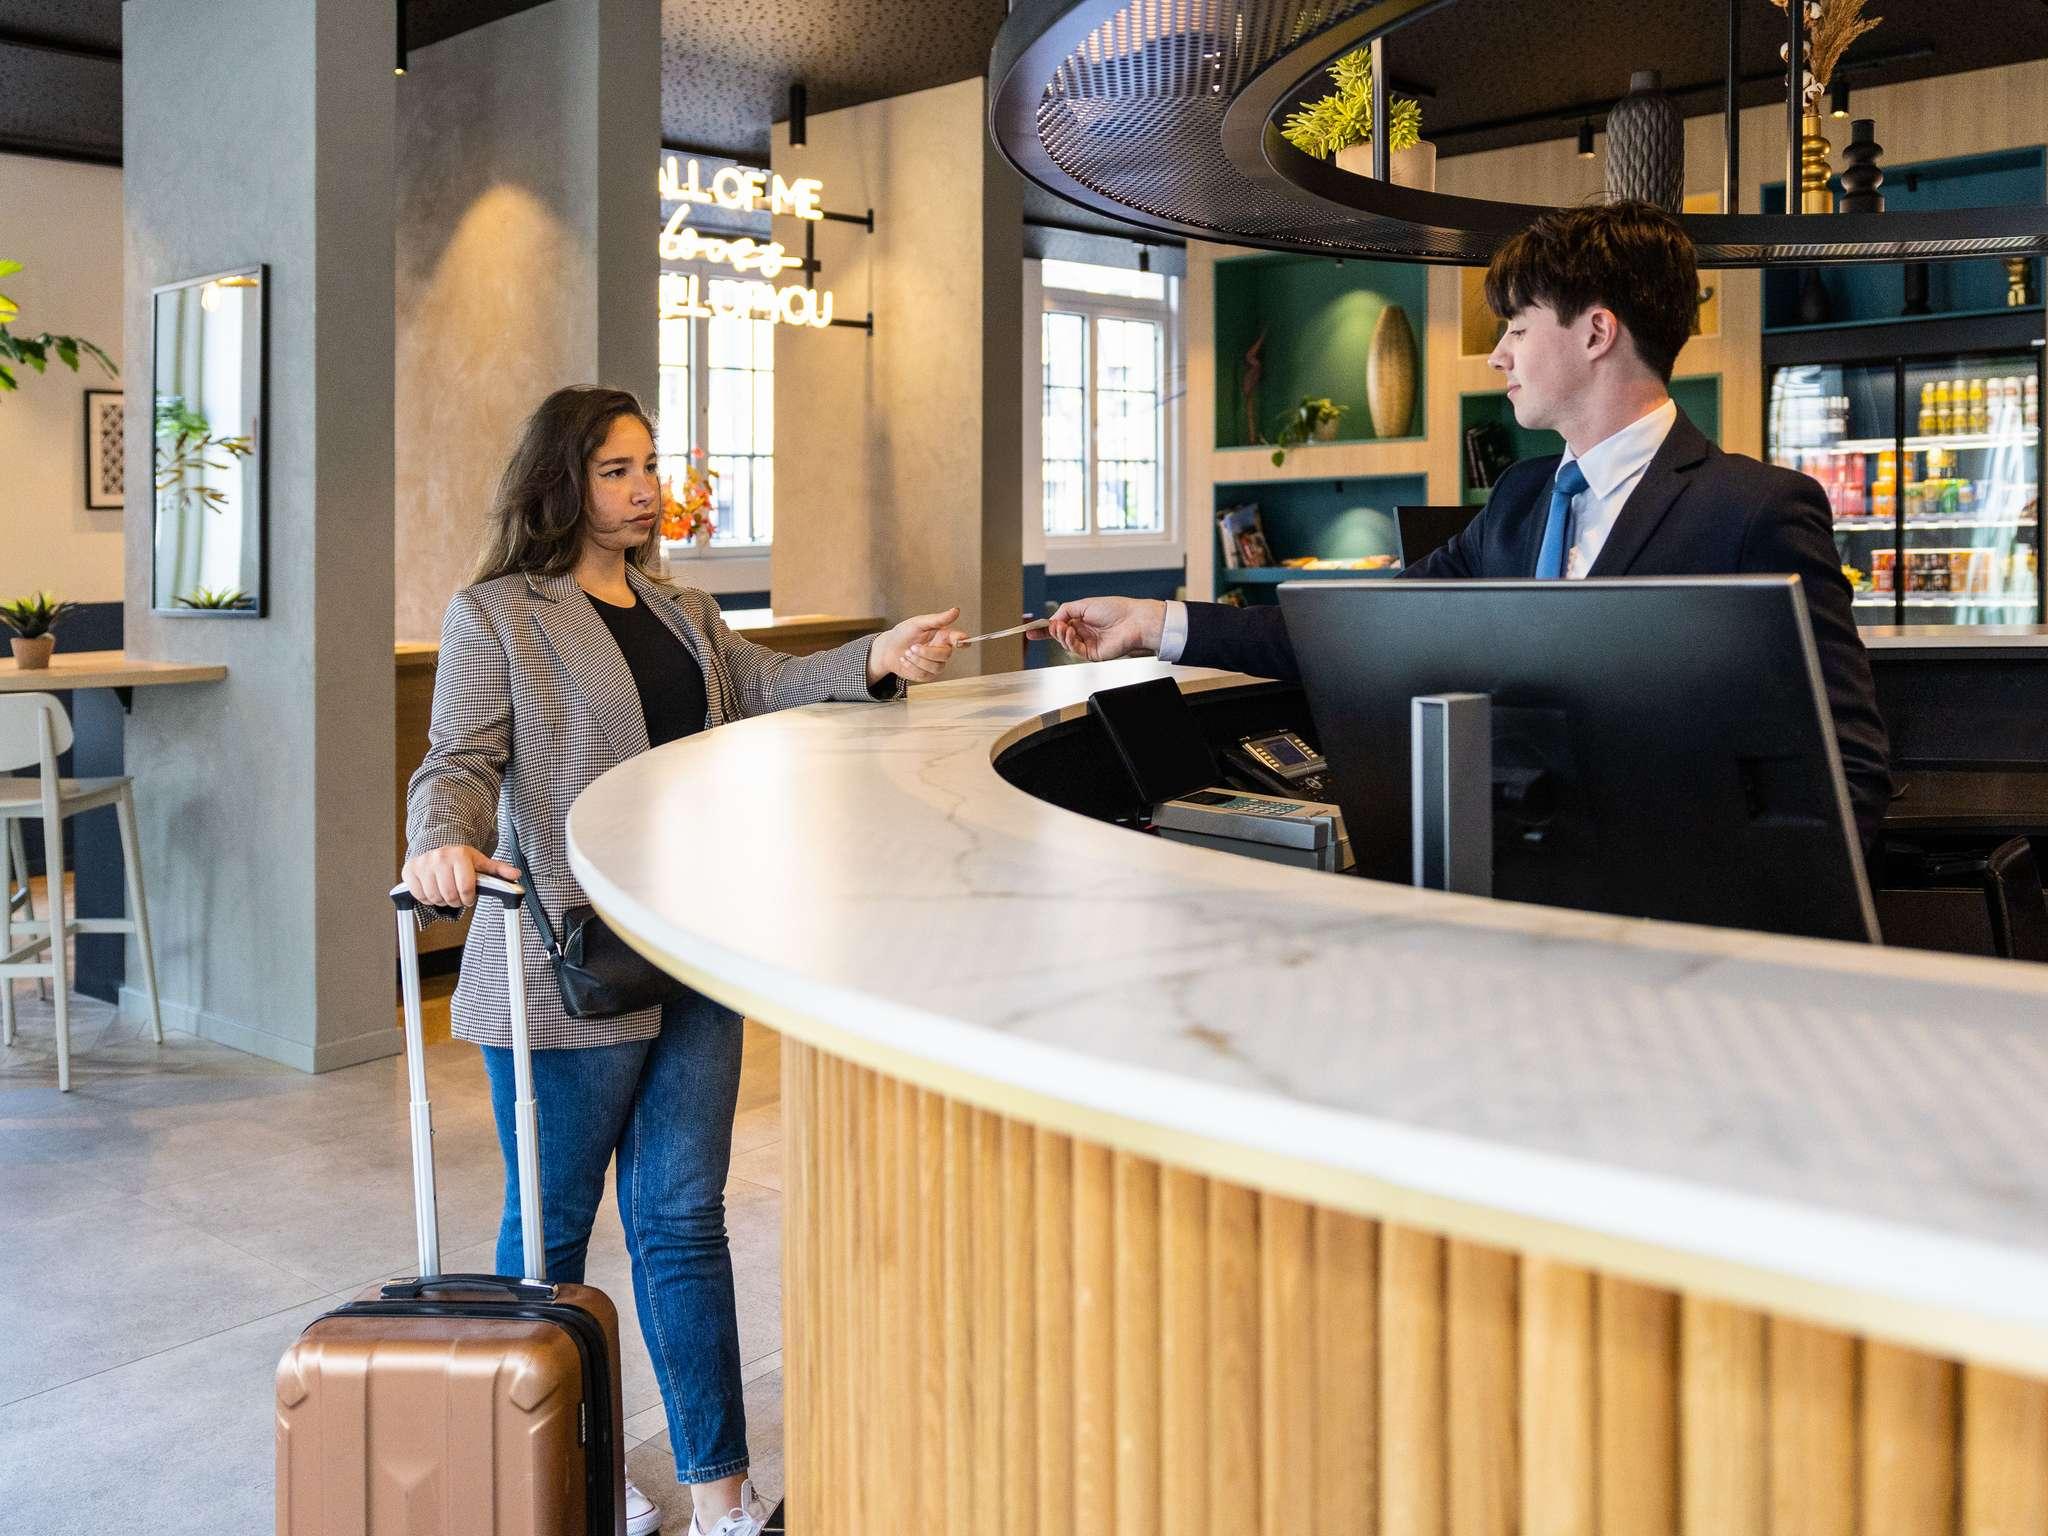 โรงแรม – โนโวเทล บรัสเซลส์ ออฟ แกรนด์เพลซ